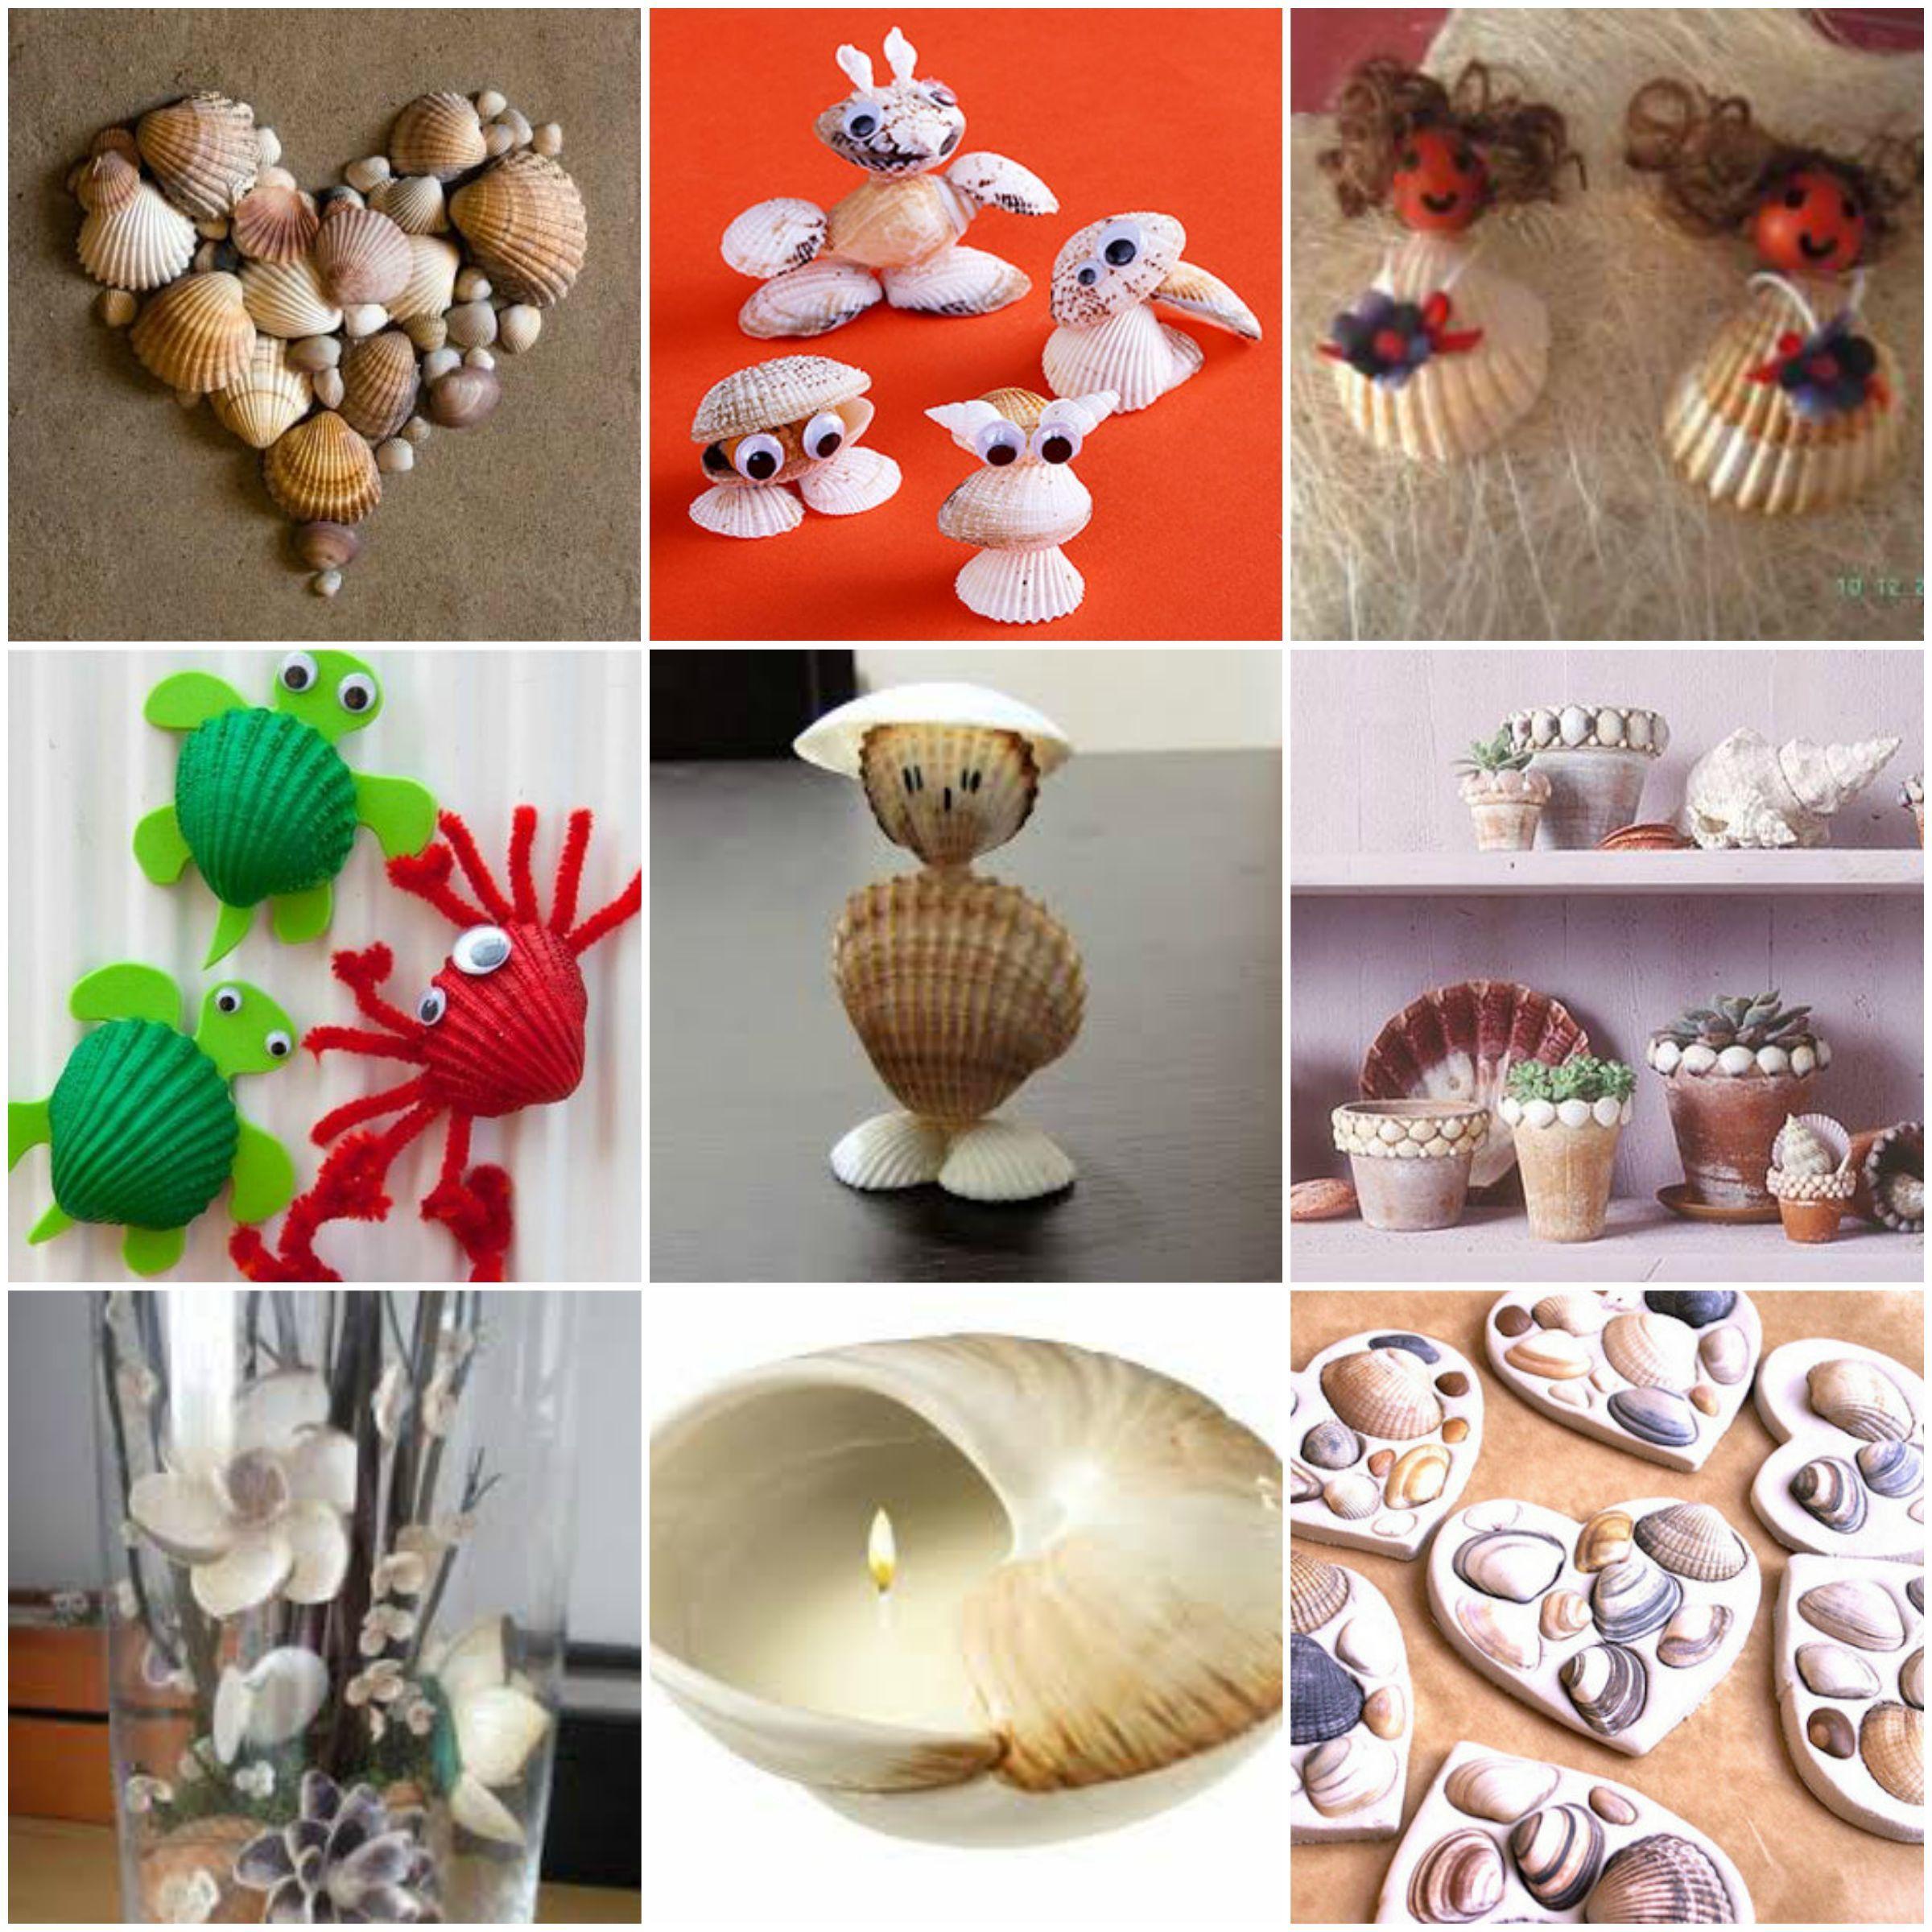 Conchas de mar reciclaje pinterest conchas - Decoracion con conchas ...